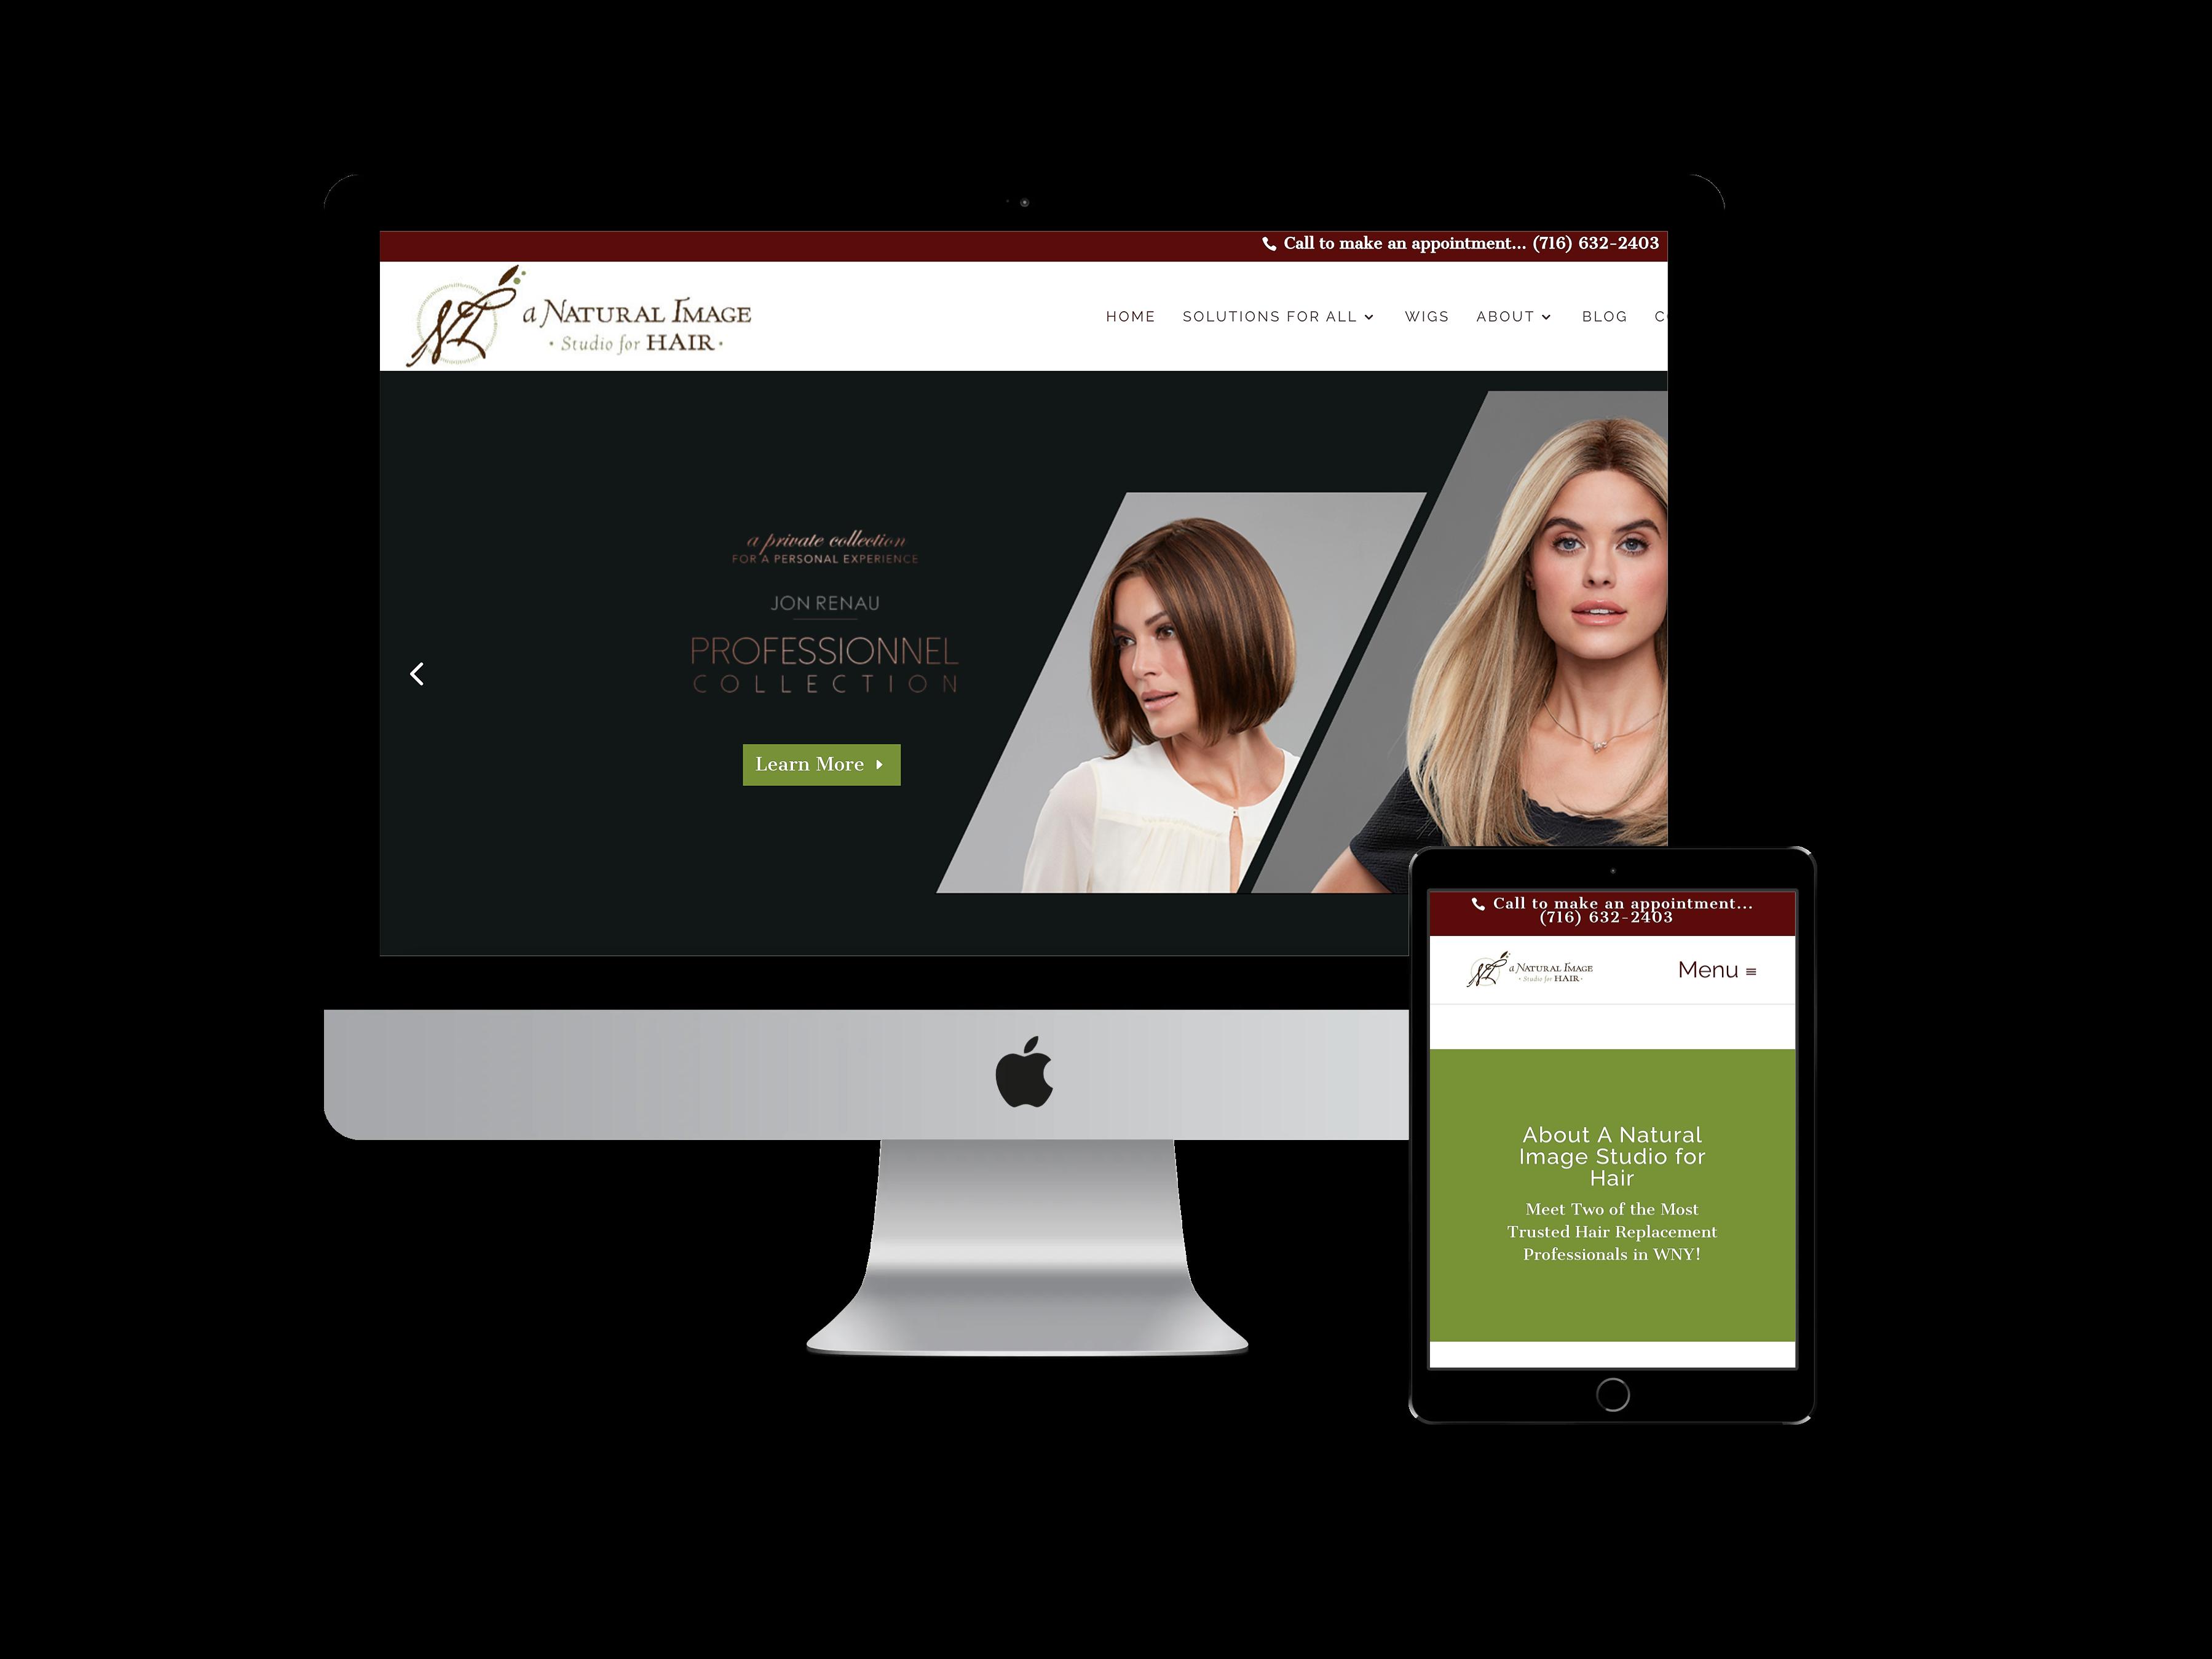 A Natural Image Website Design